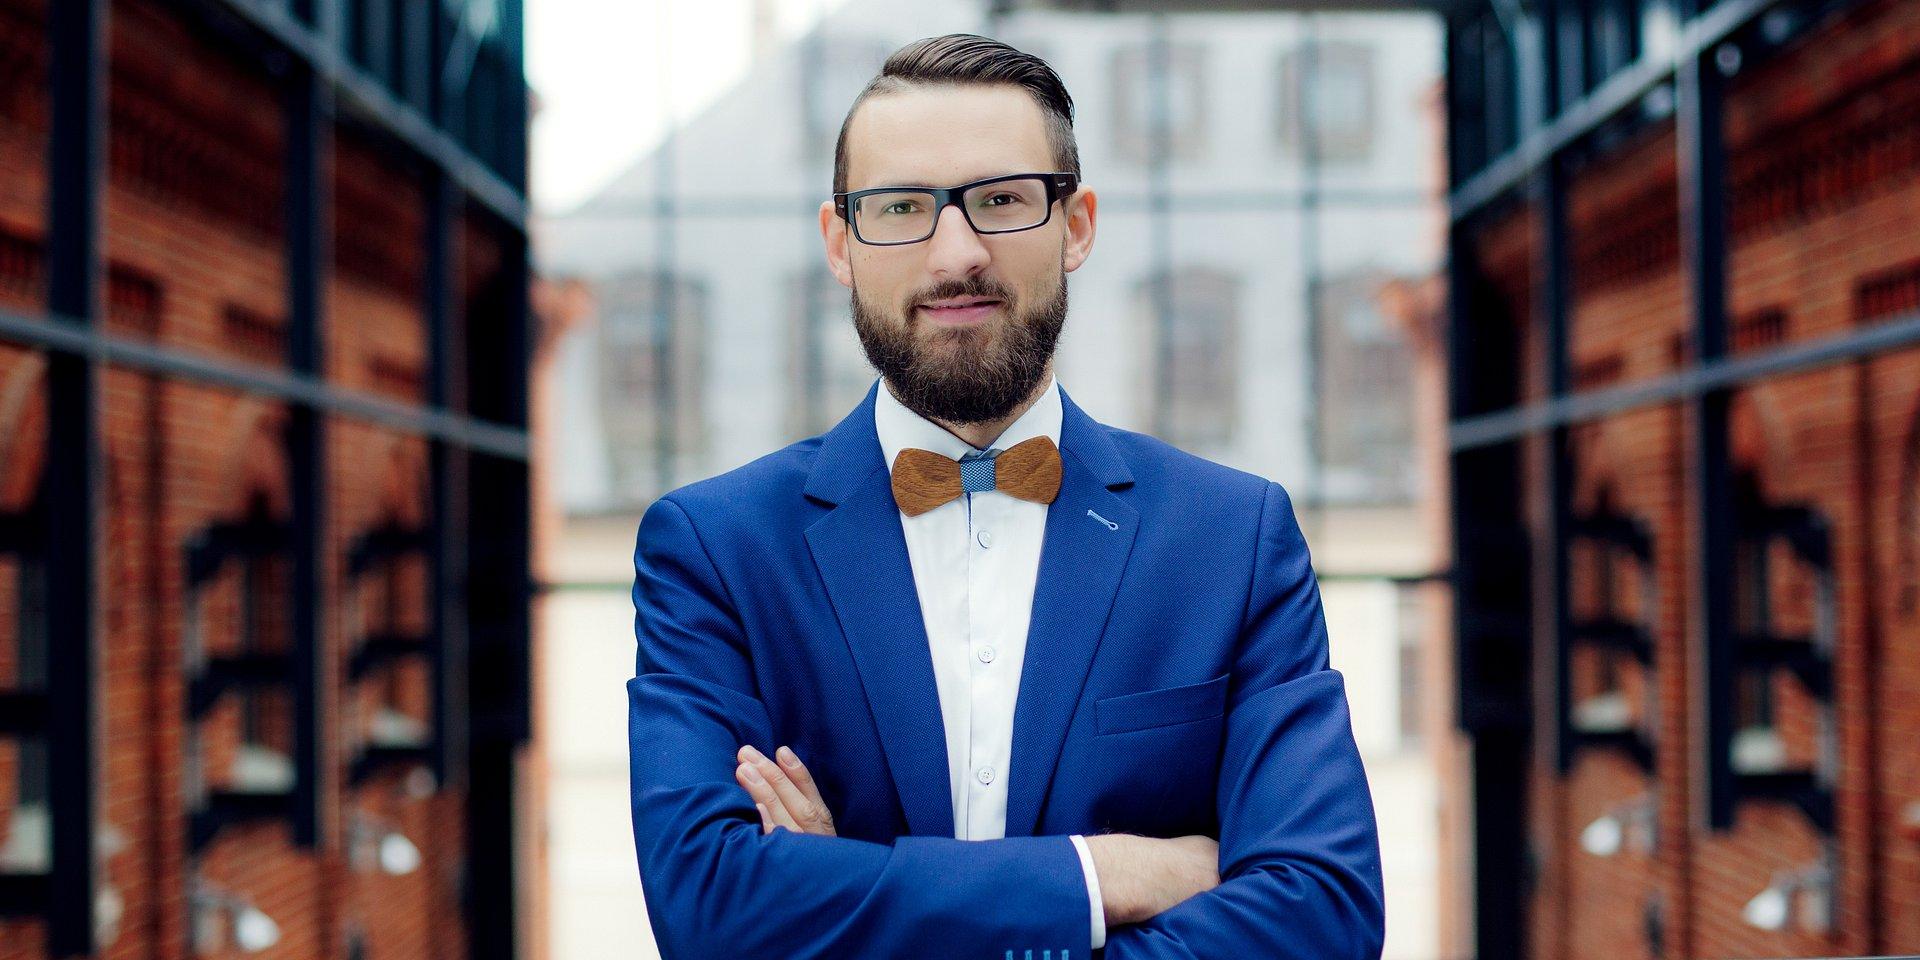 Tomasz Sąsiadek awansuje na stanowisko Co Managing Director w Bluerank